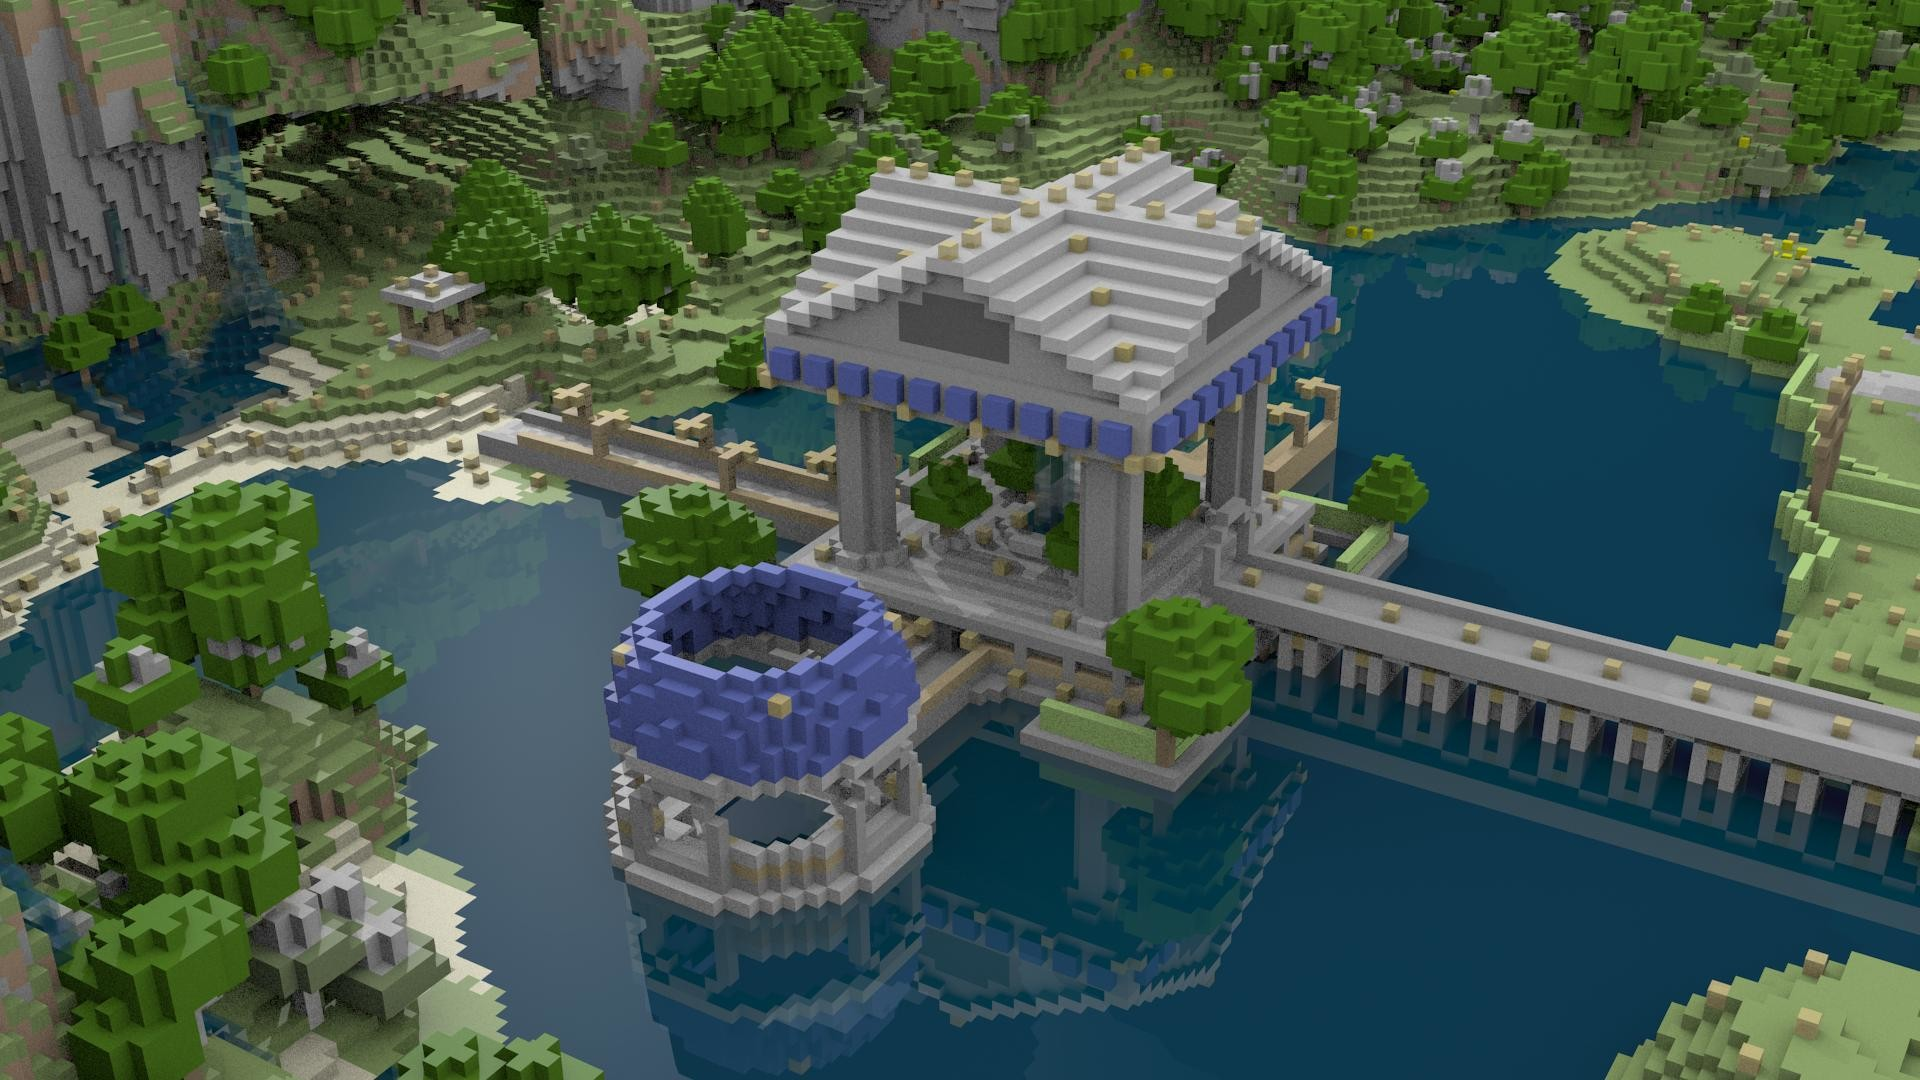 Hình nền Minecraft chòi nghỉ mát